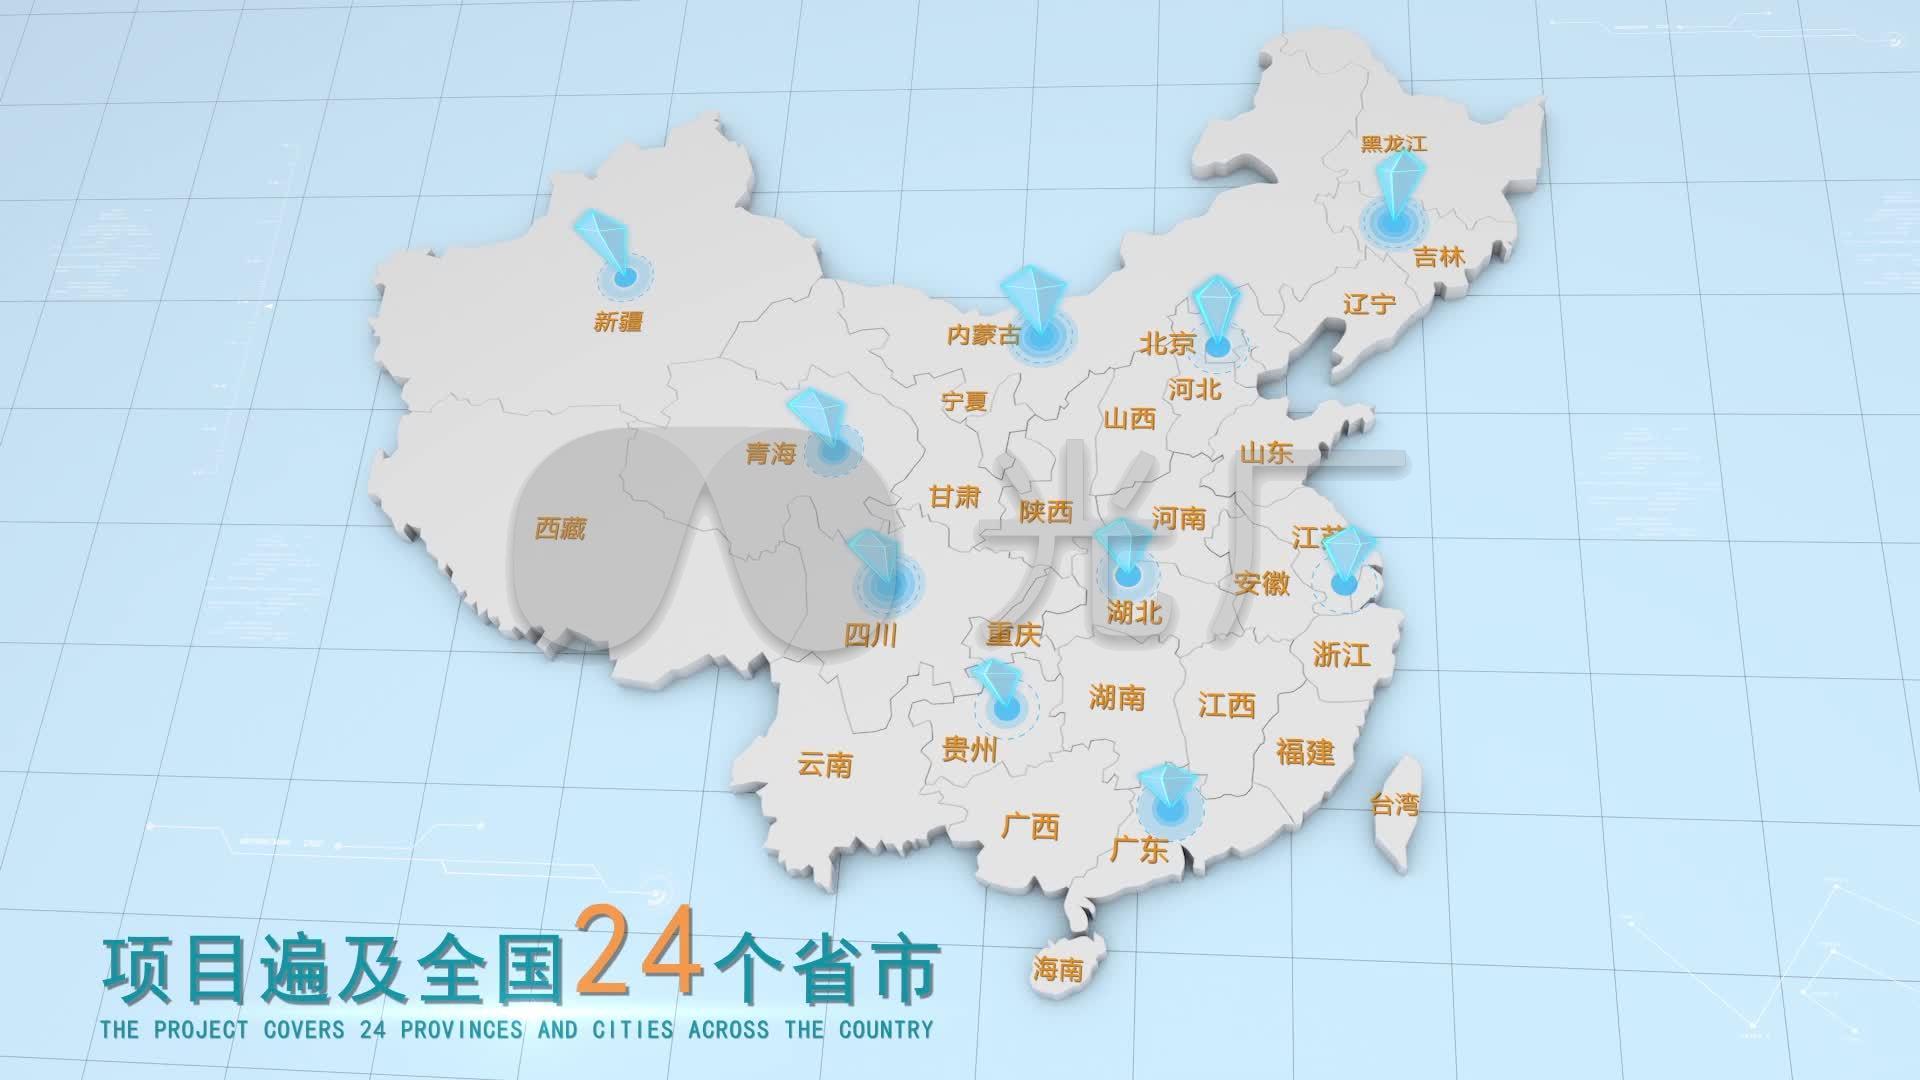 中超地图_中国地图高清版大图